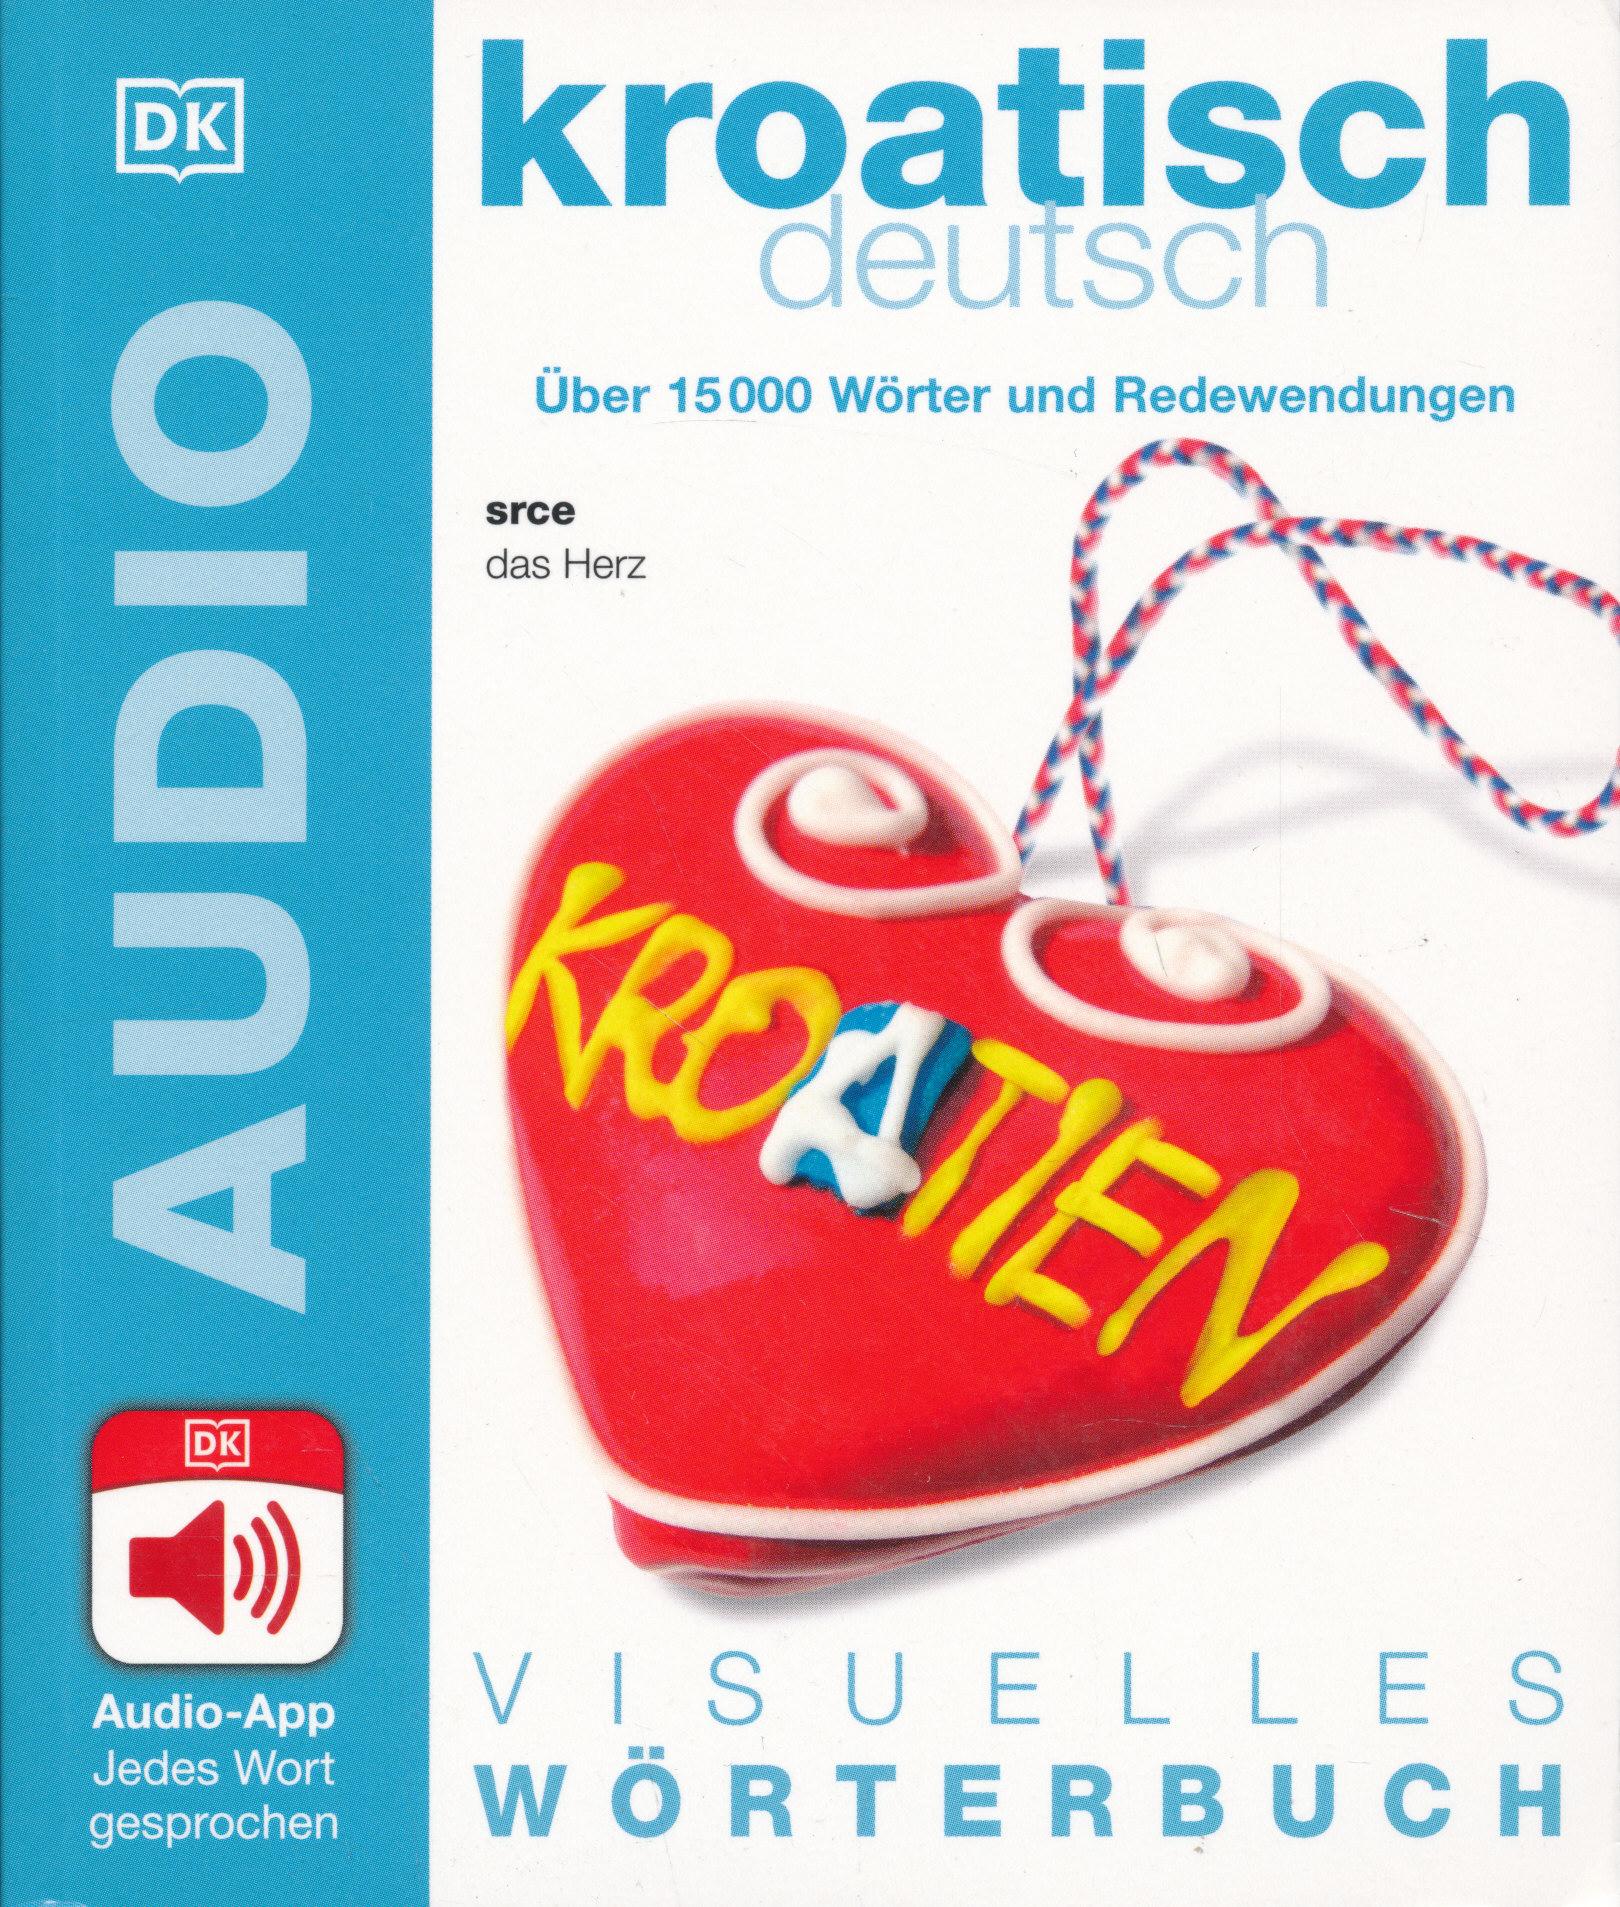 Visuelles Wörterbuch Koratisch - Deutsch - Mit Audio App - Jedes Wort gesprochen